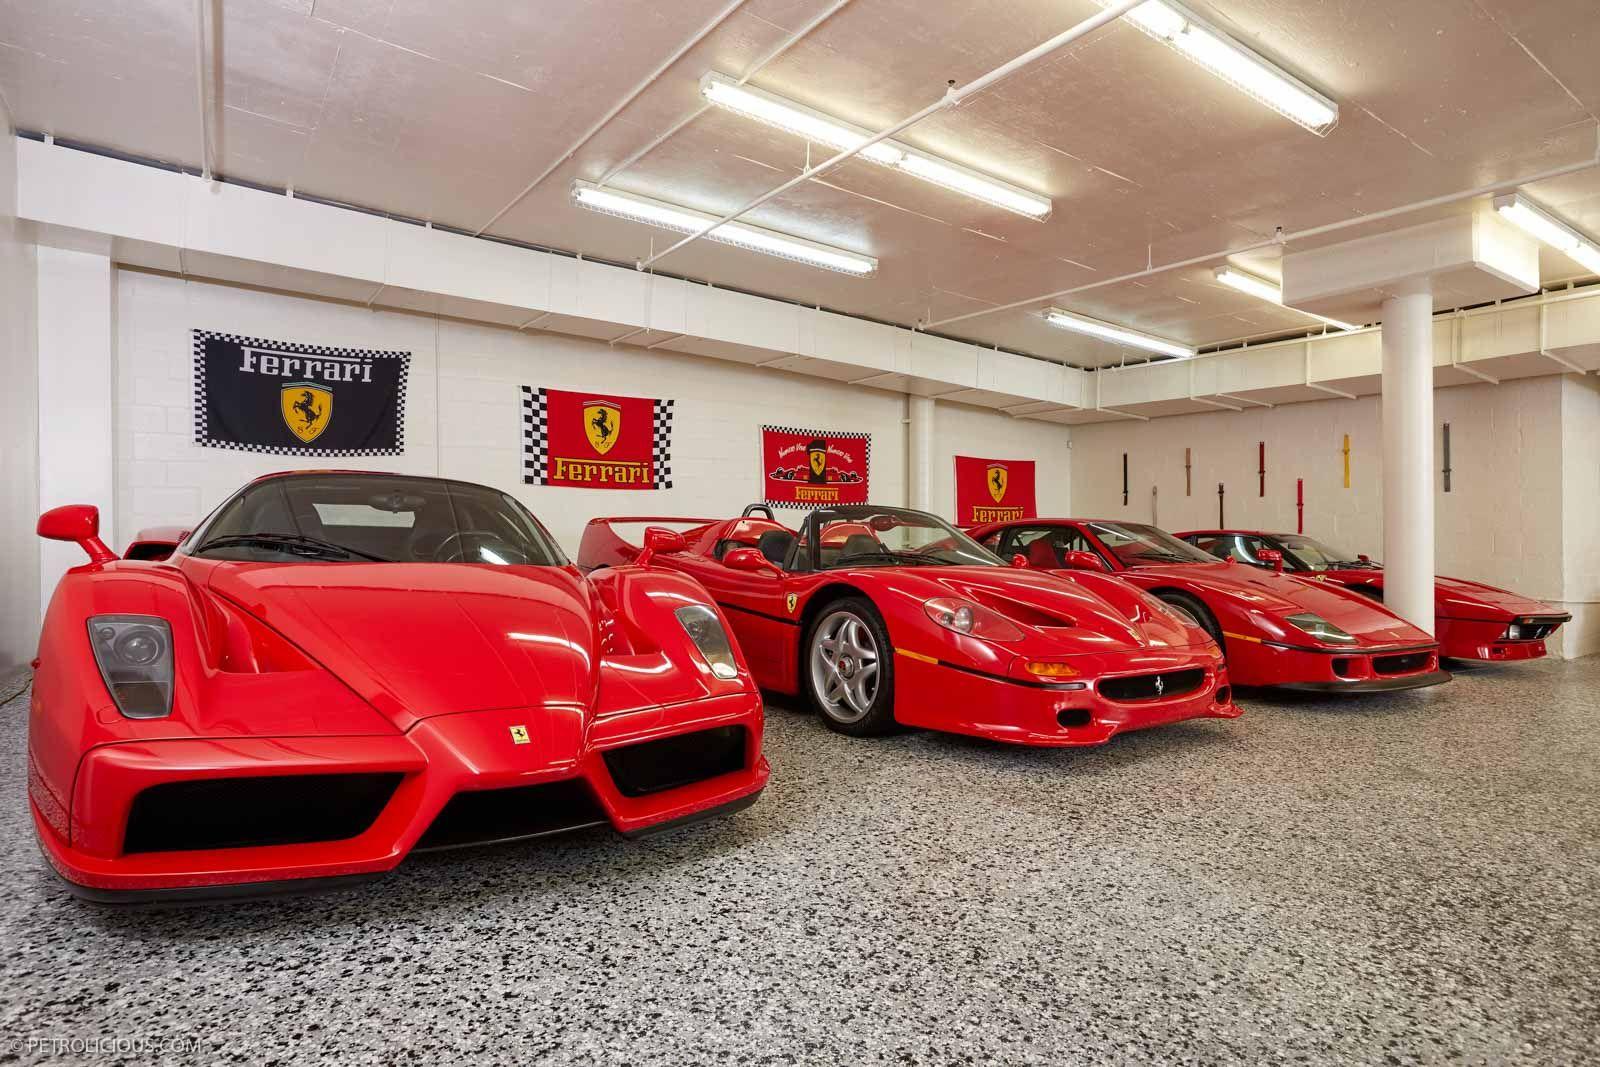 Garage Cristiano Ronaldo Car Collection - CARCROT